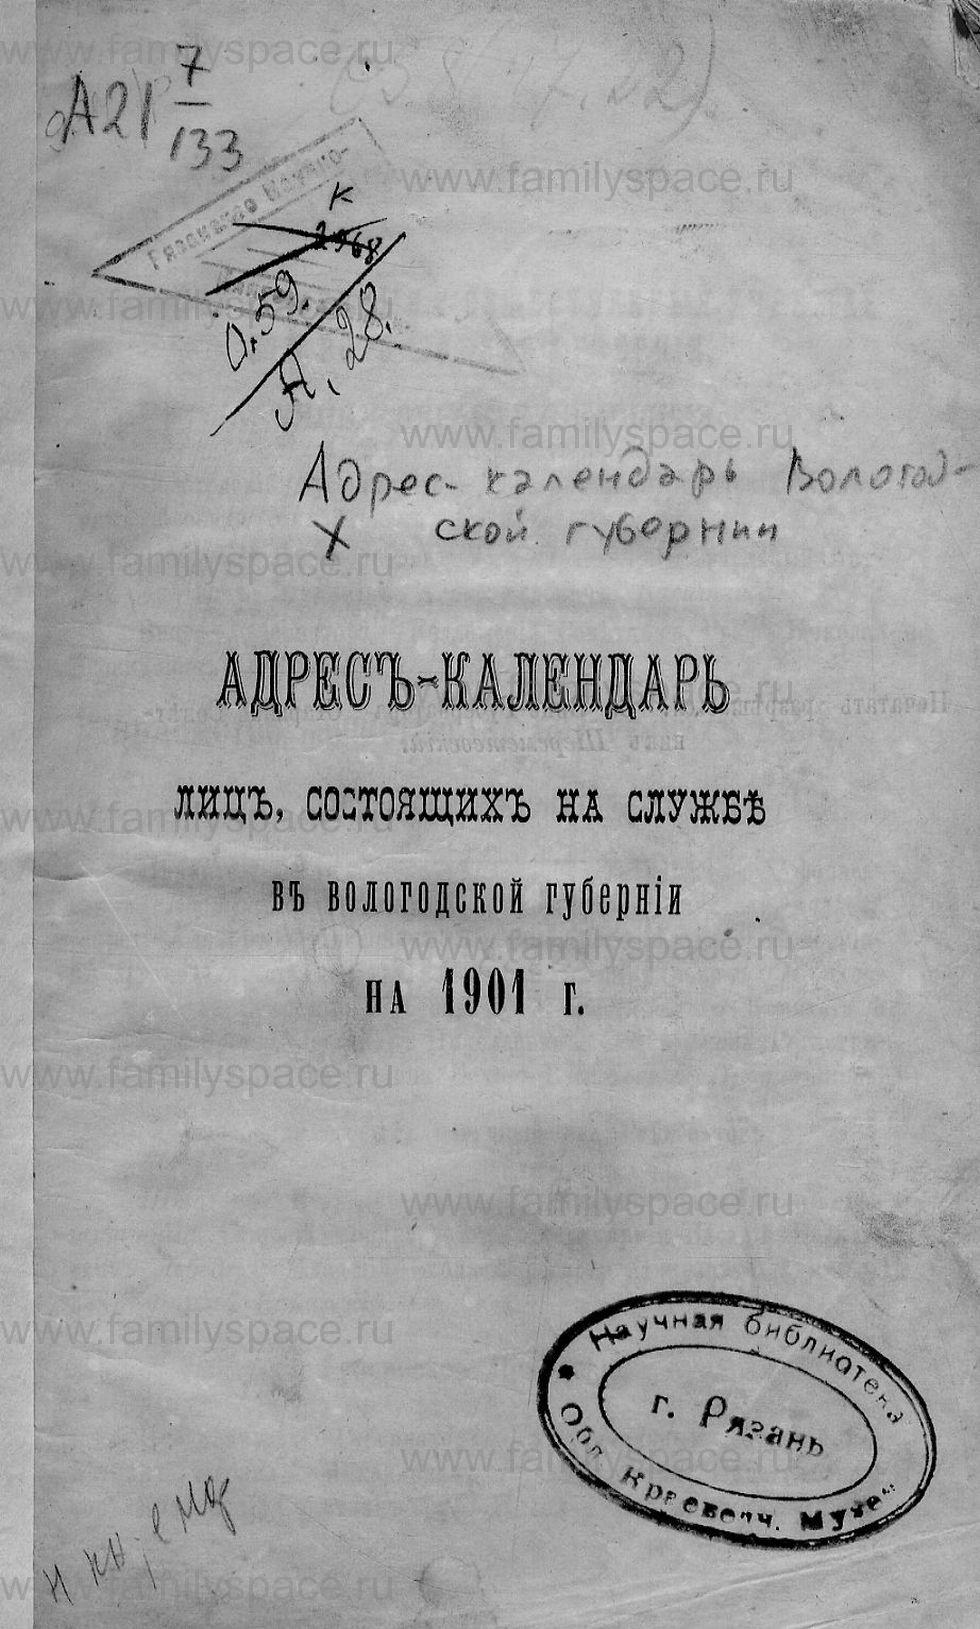 Поиск по фамилии - Вологодская губерния (лица, состоящие на службе) - 1901, страница 1